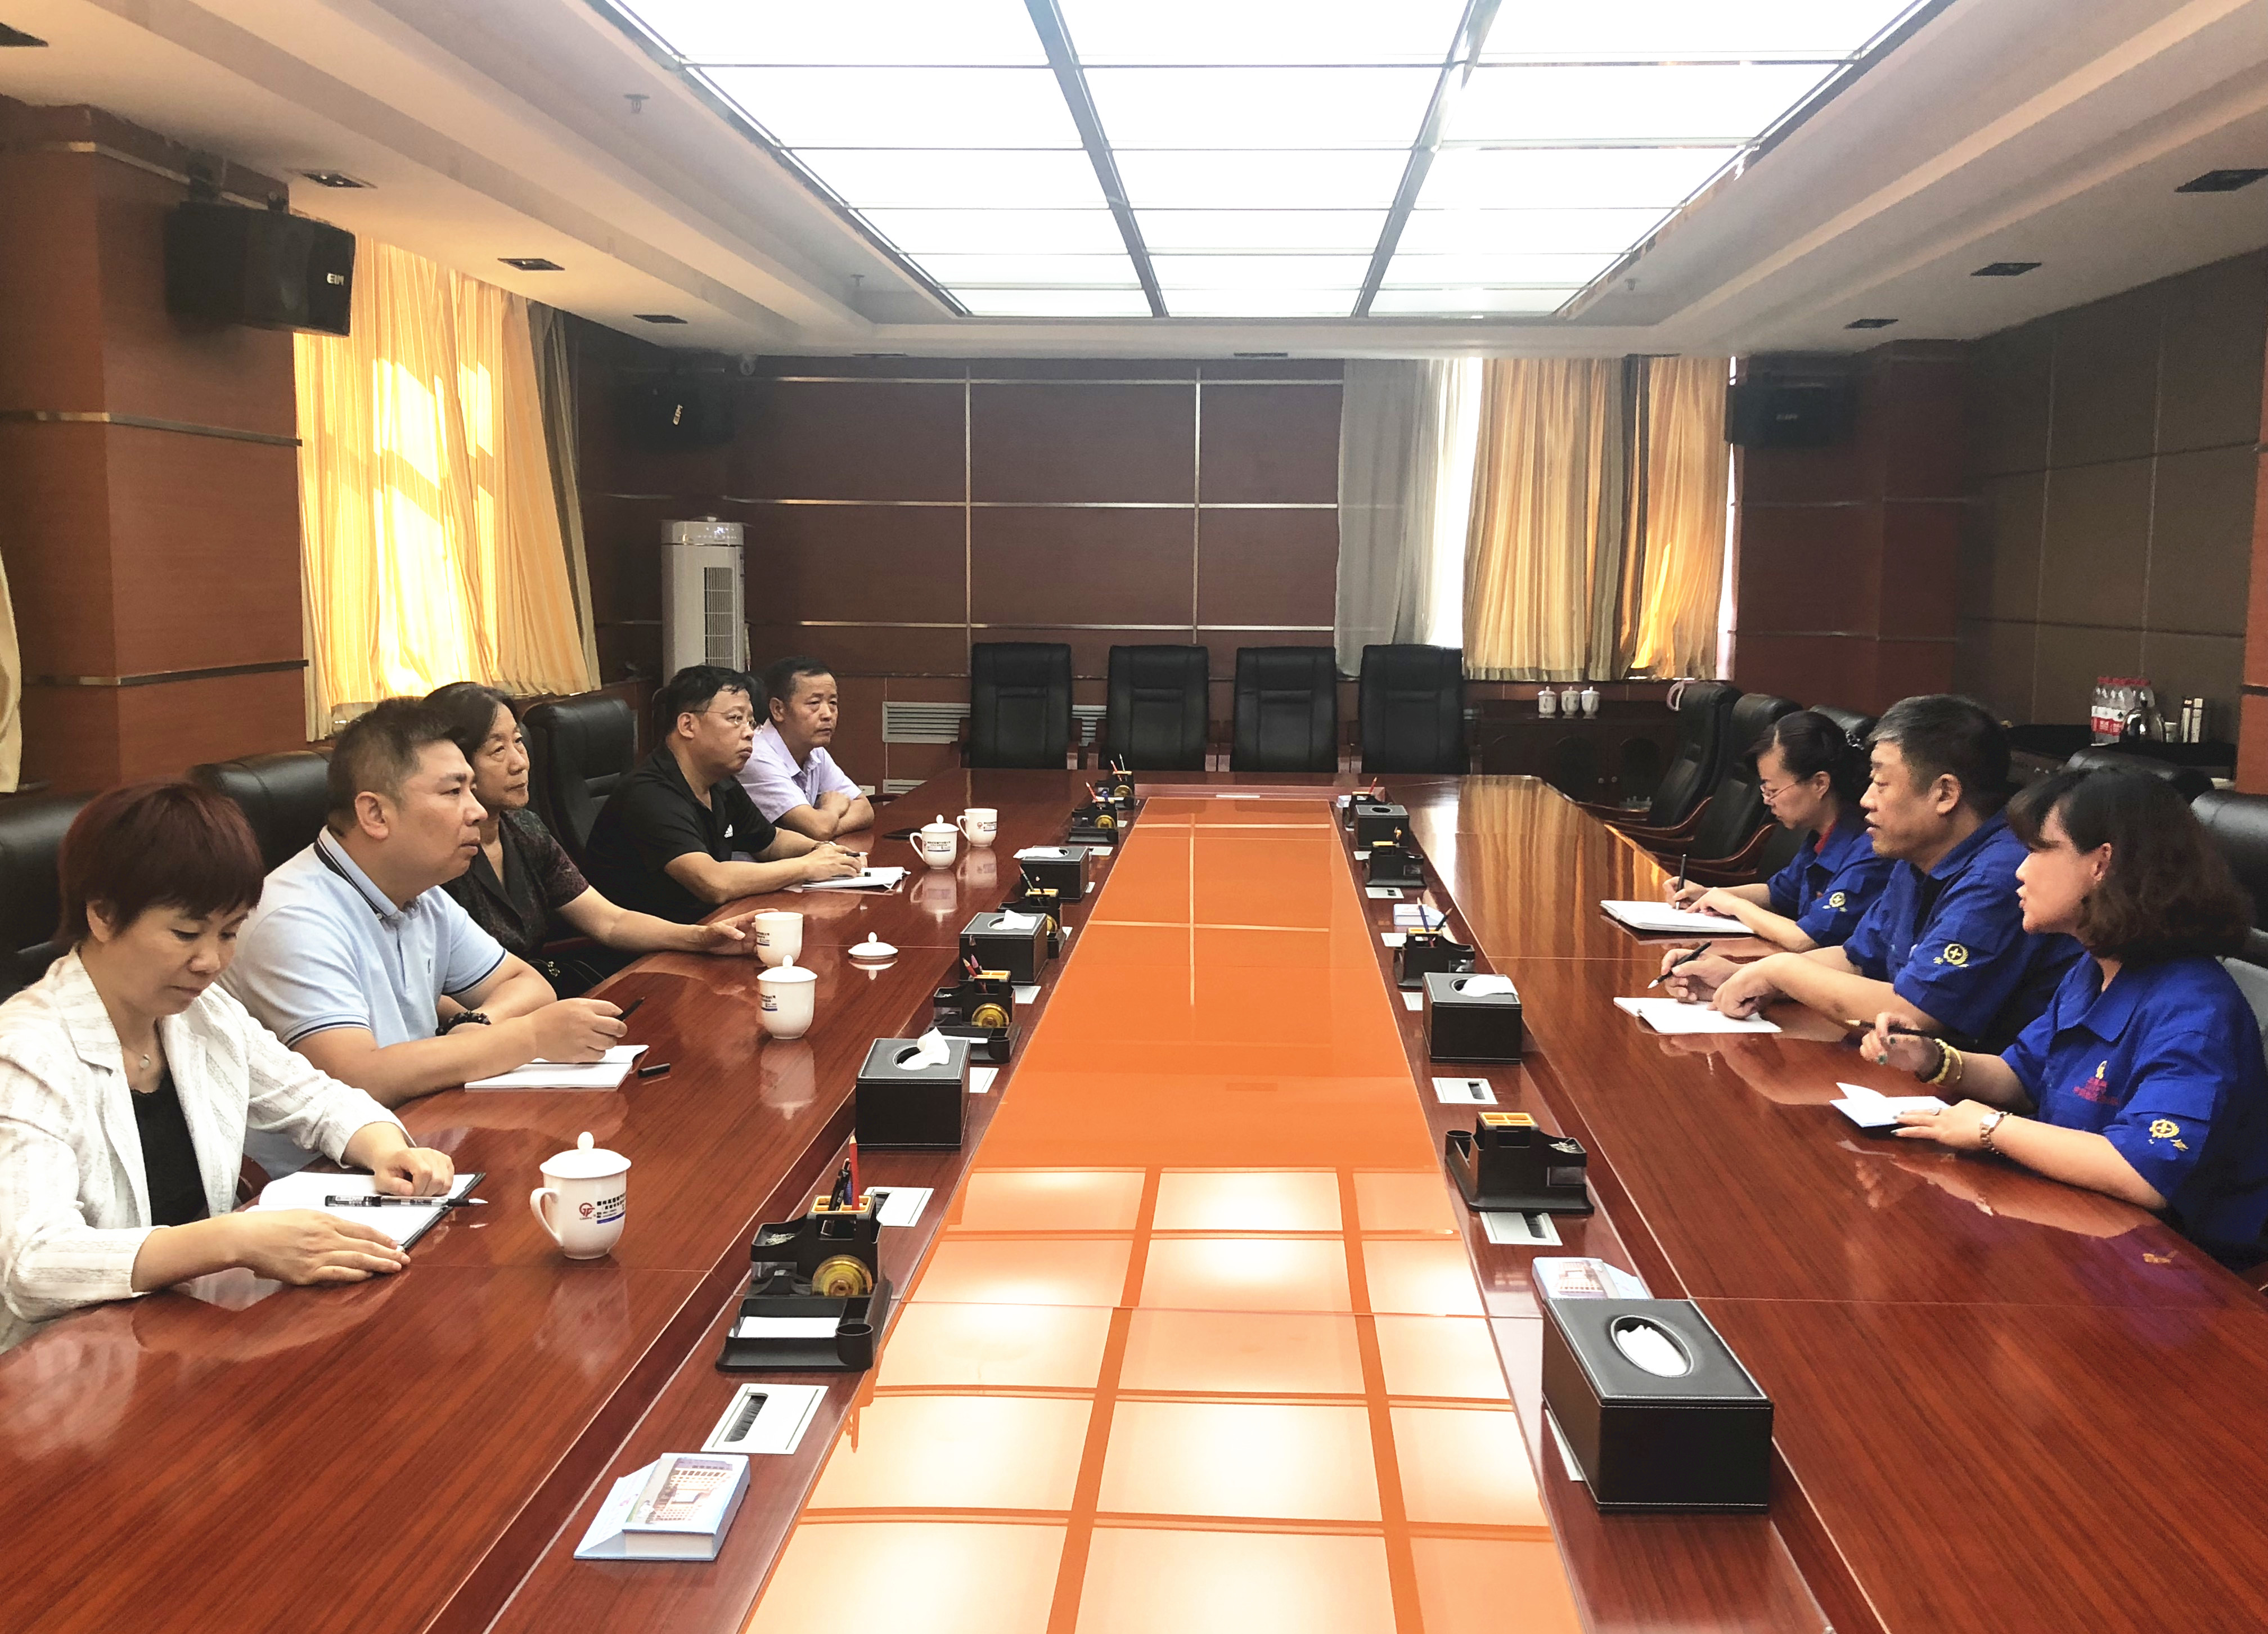 中国工业合作协会新任理事长田玉萍一行来我公司参观指导工作